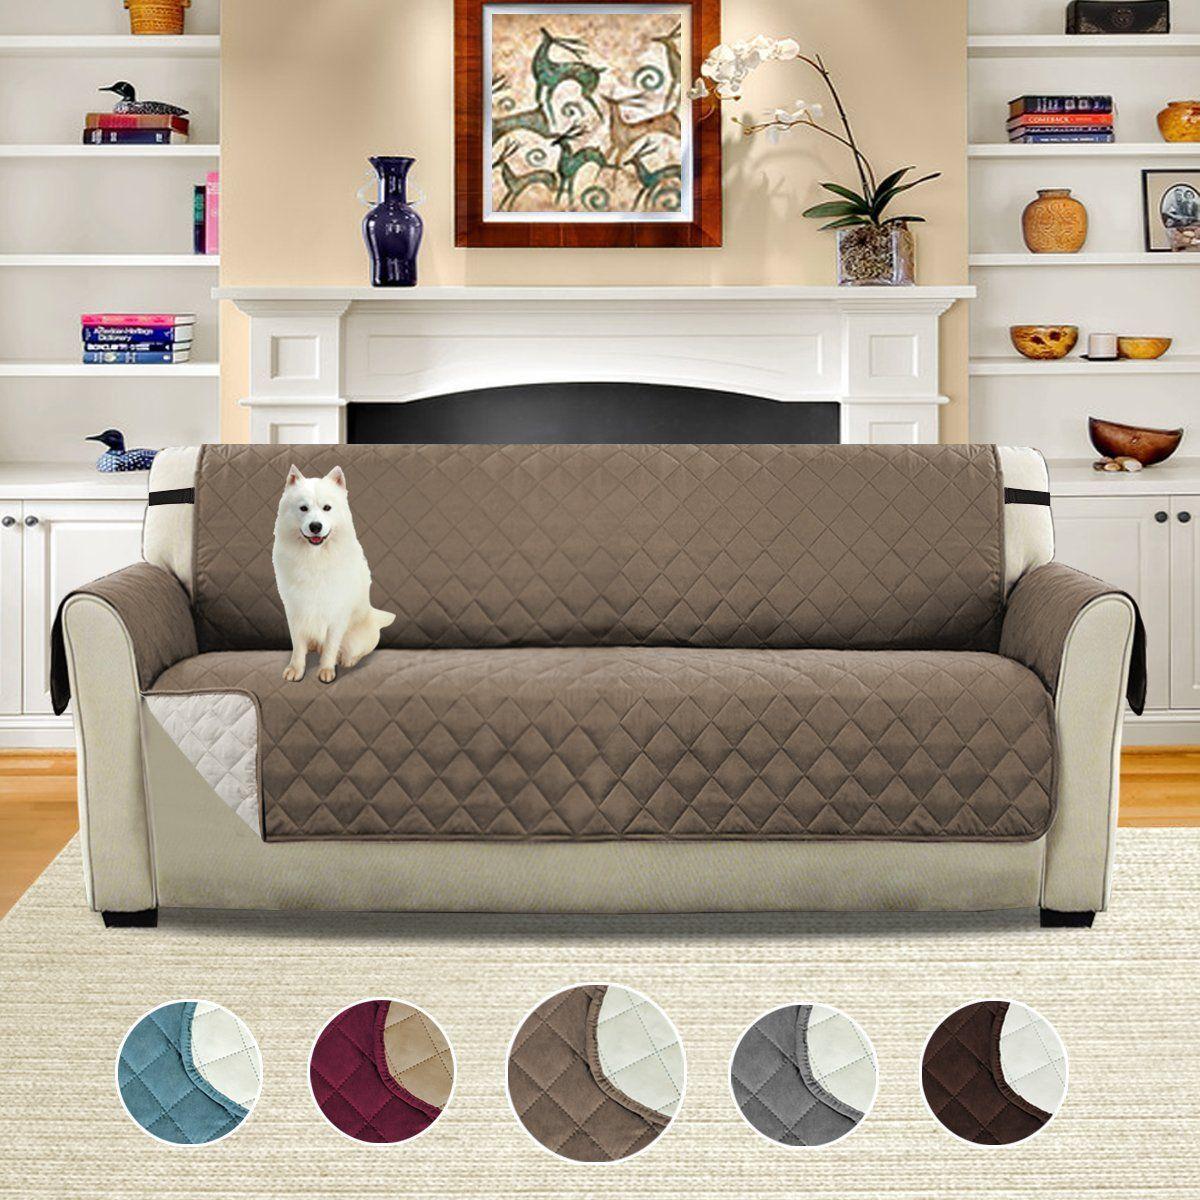 H Versailtex Pet Friendly Reversible Plush Faux Suede Furniture